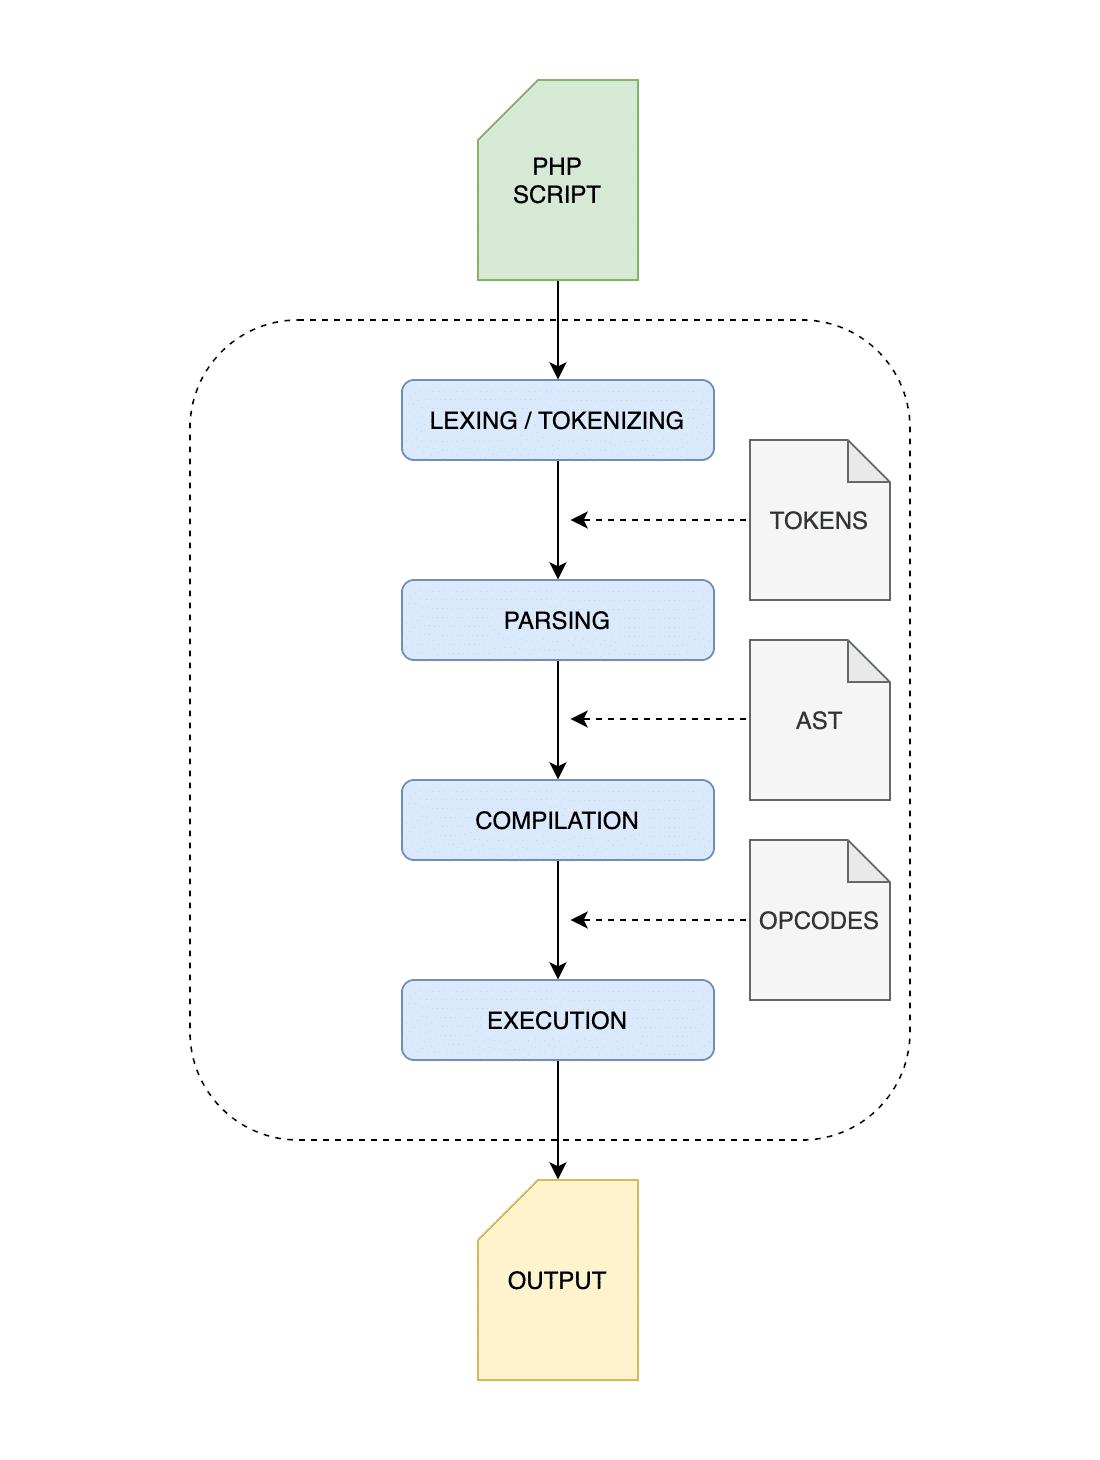 Processo básico de execução do PHP